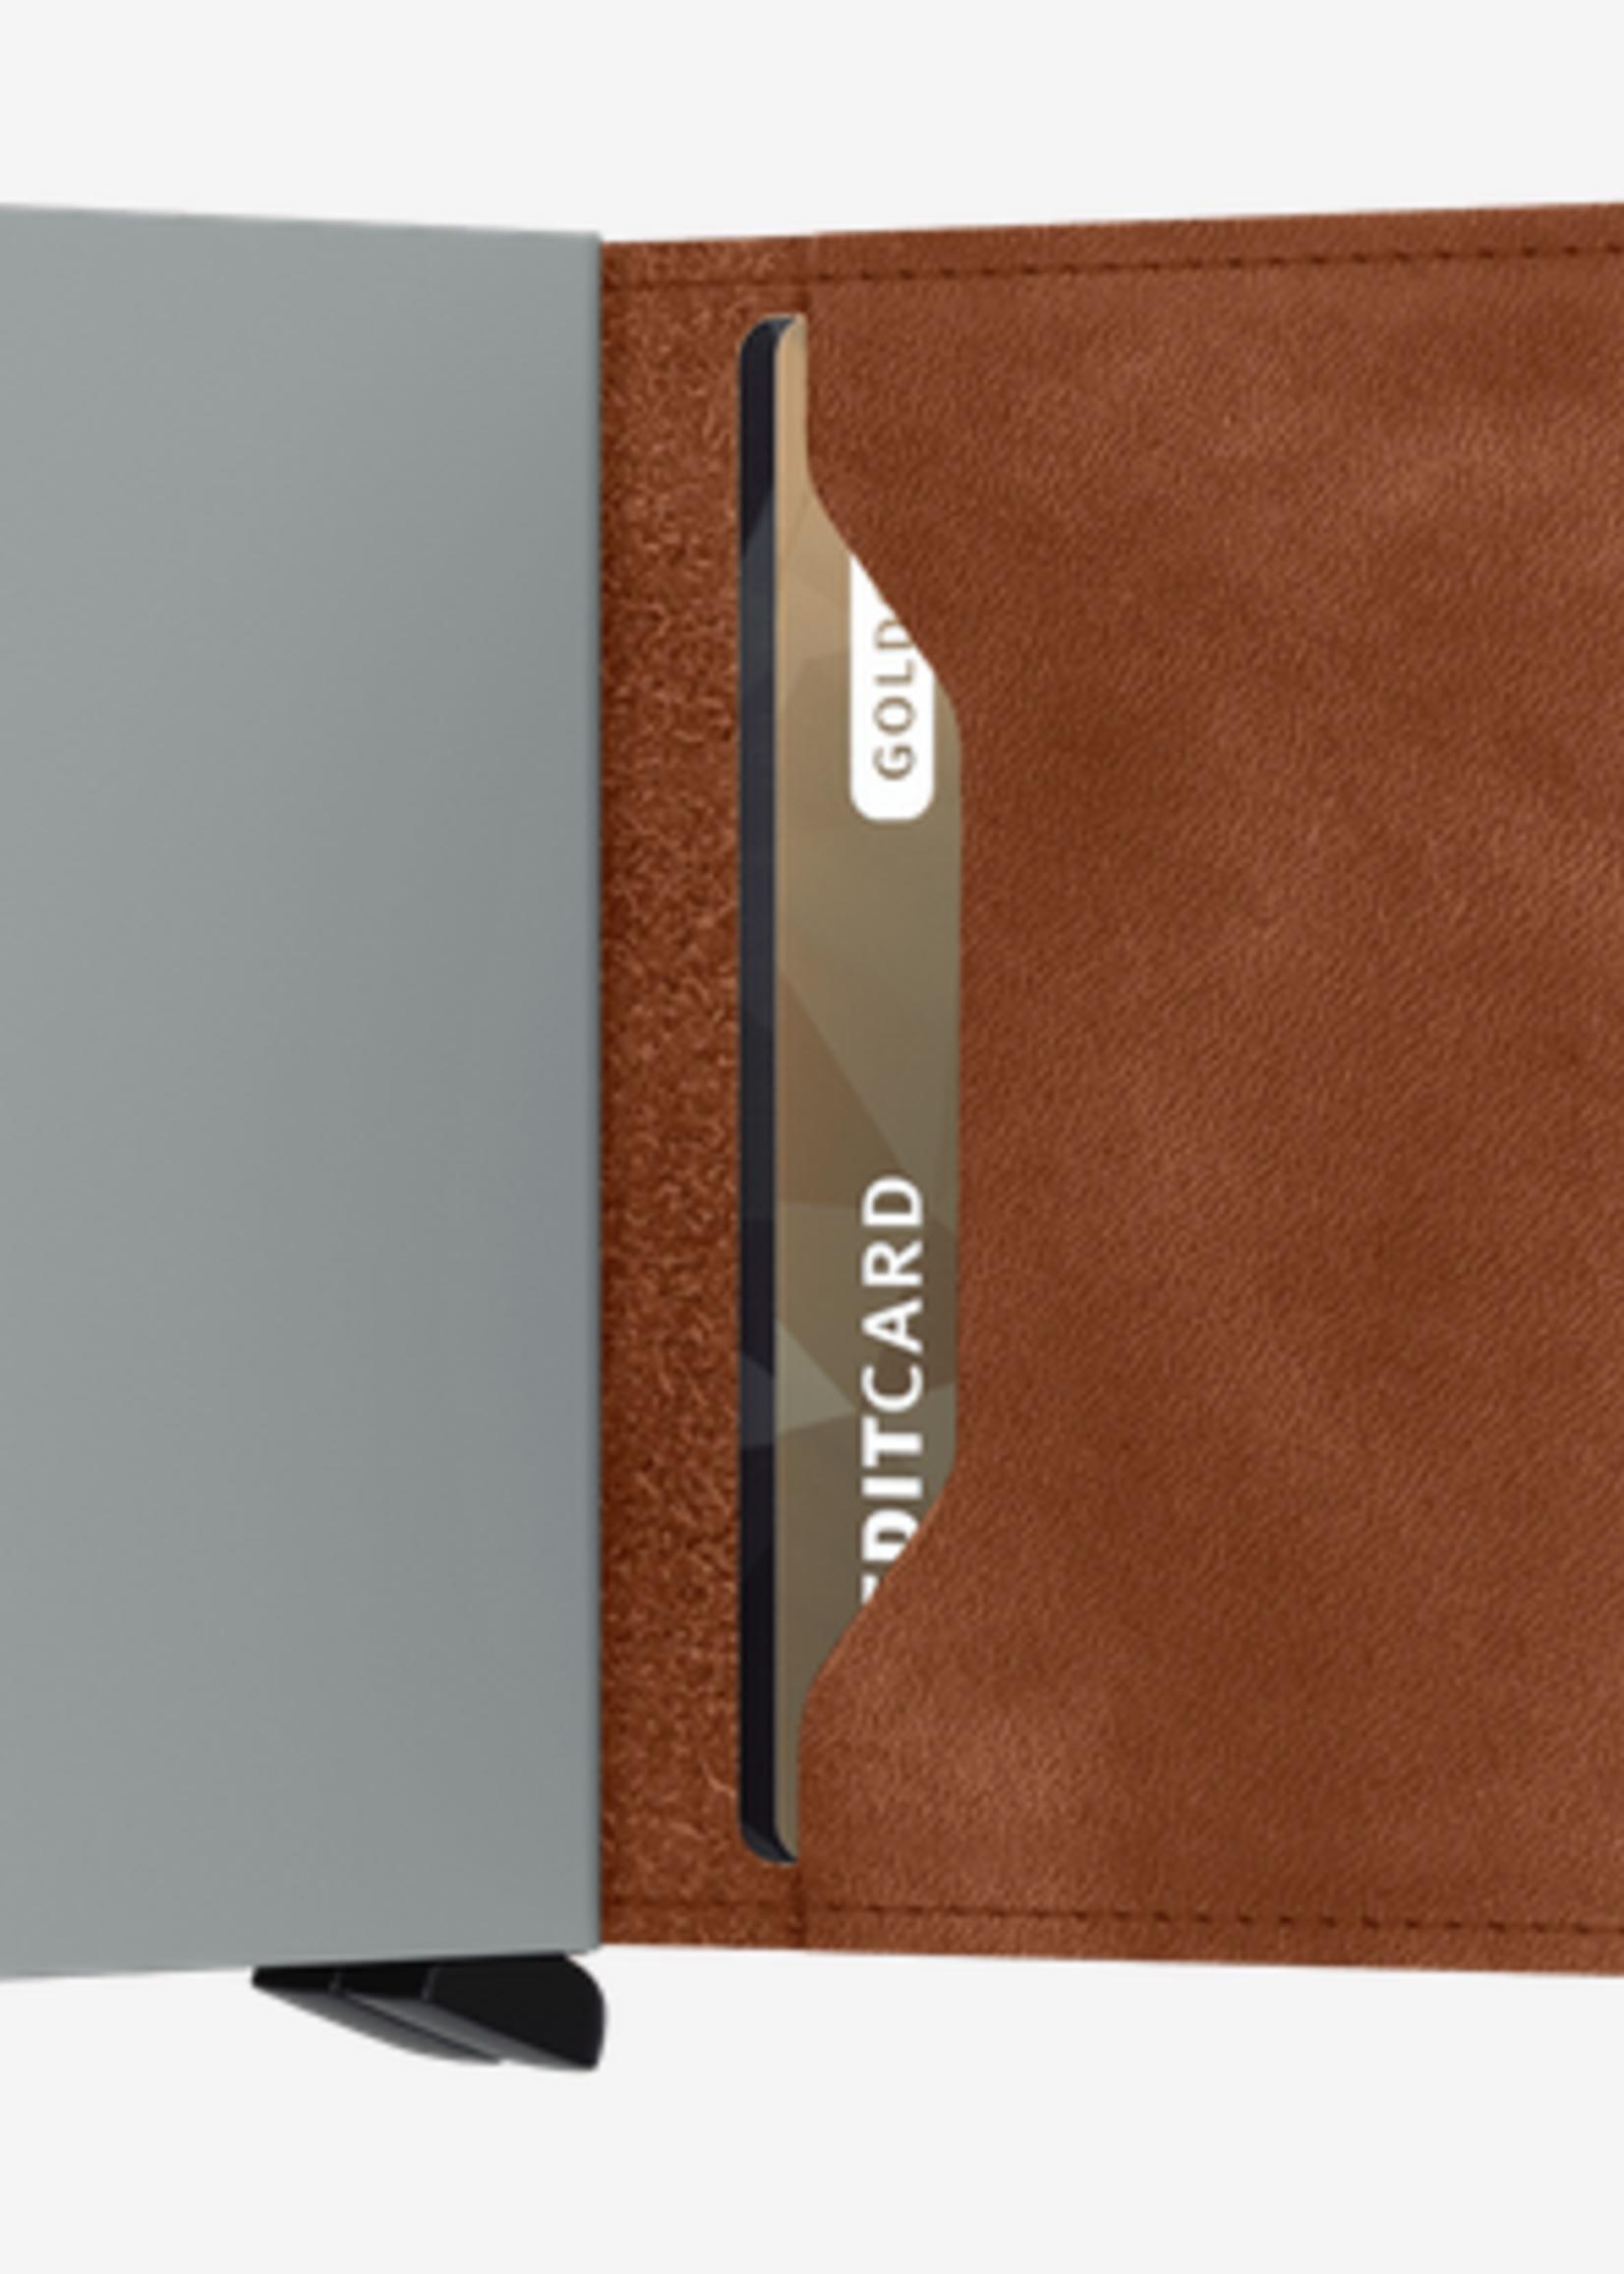 Secrid Secrid Twin Wallet Leather